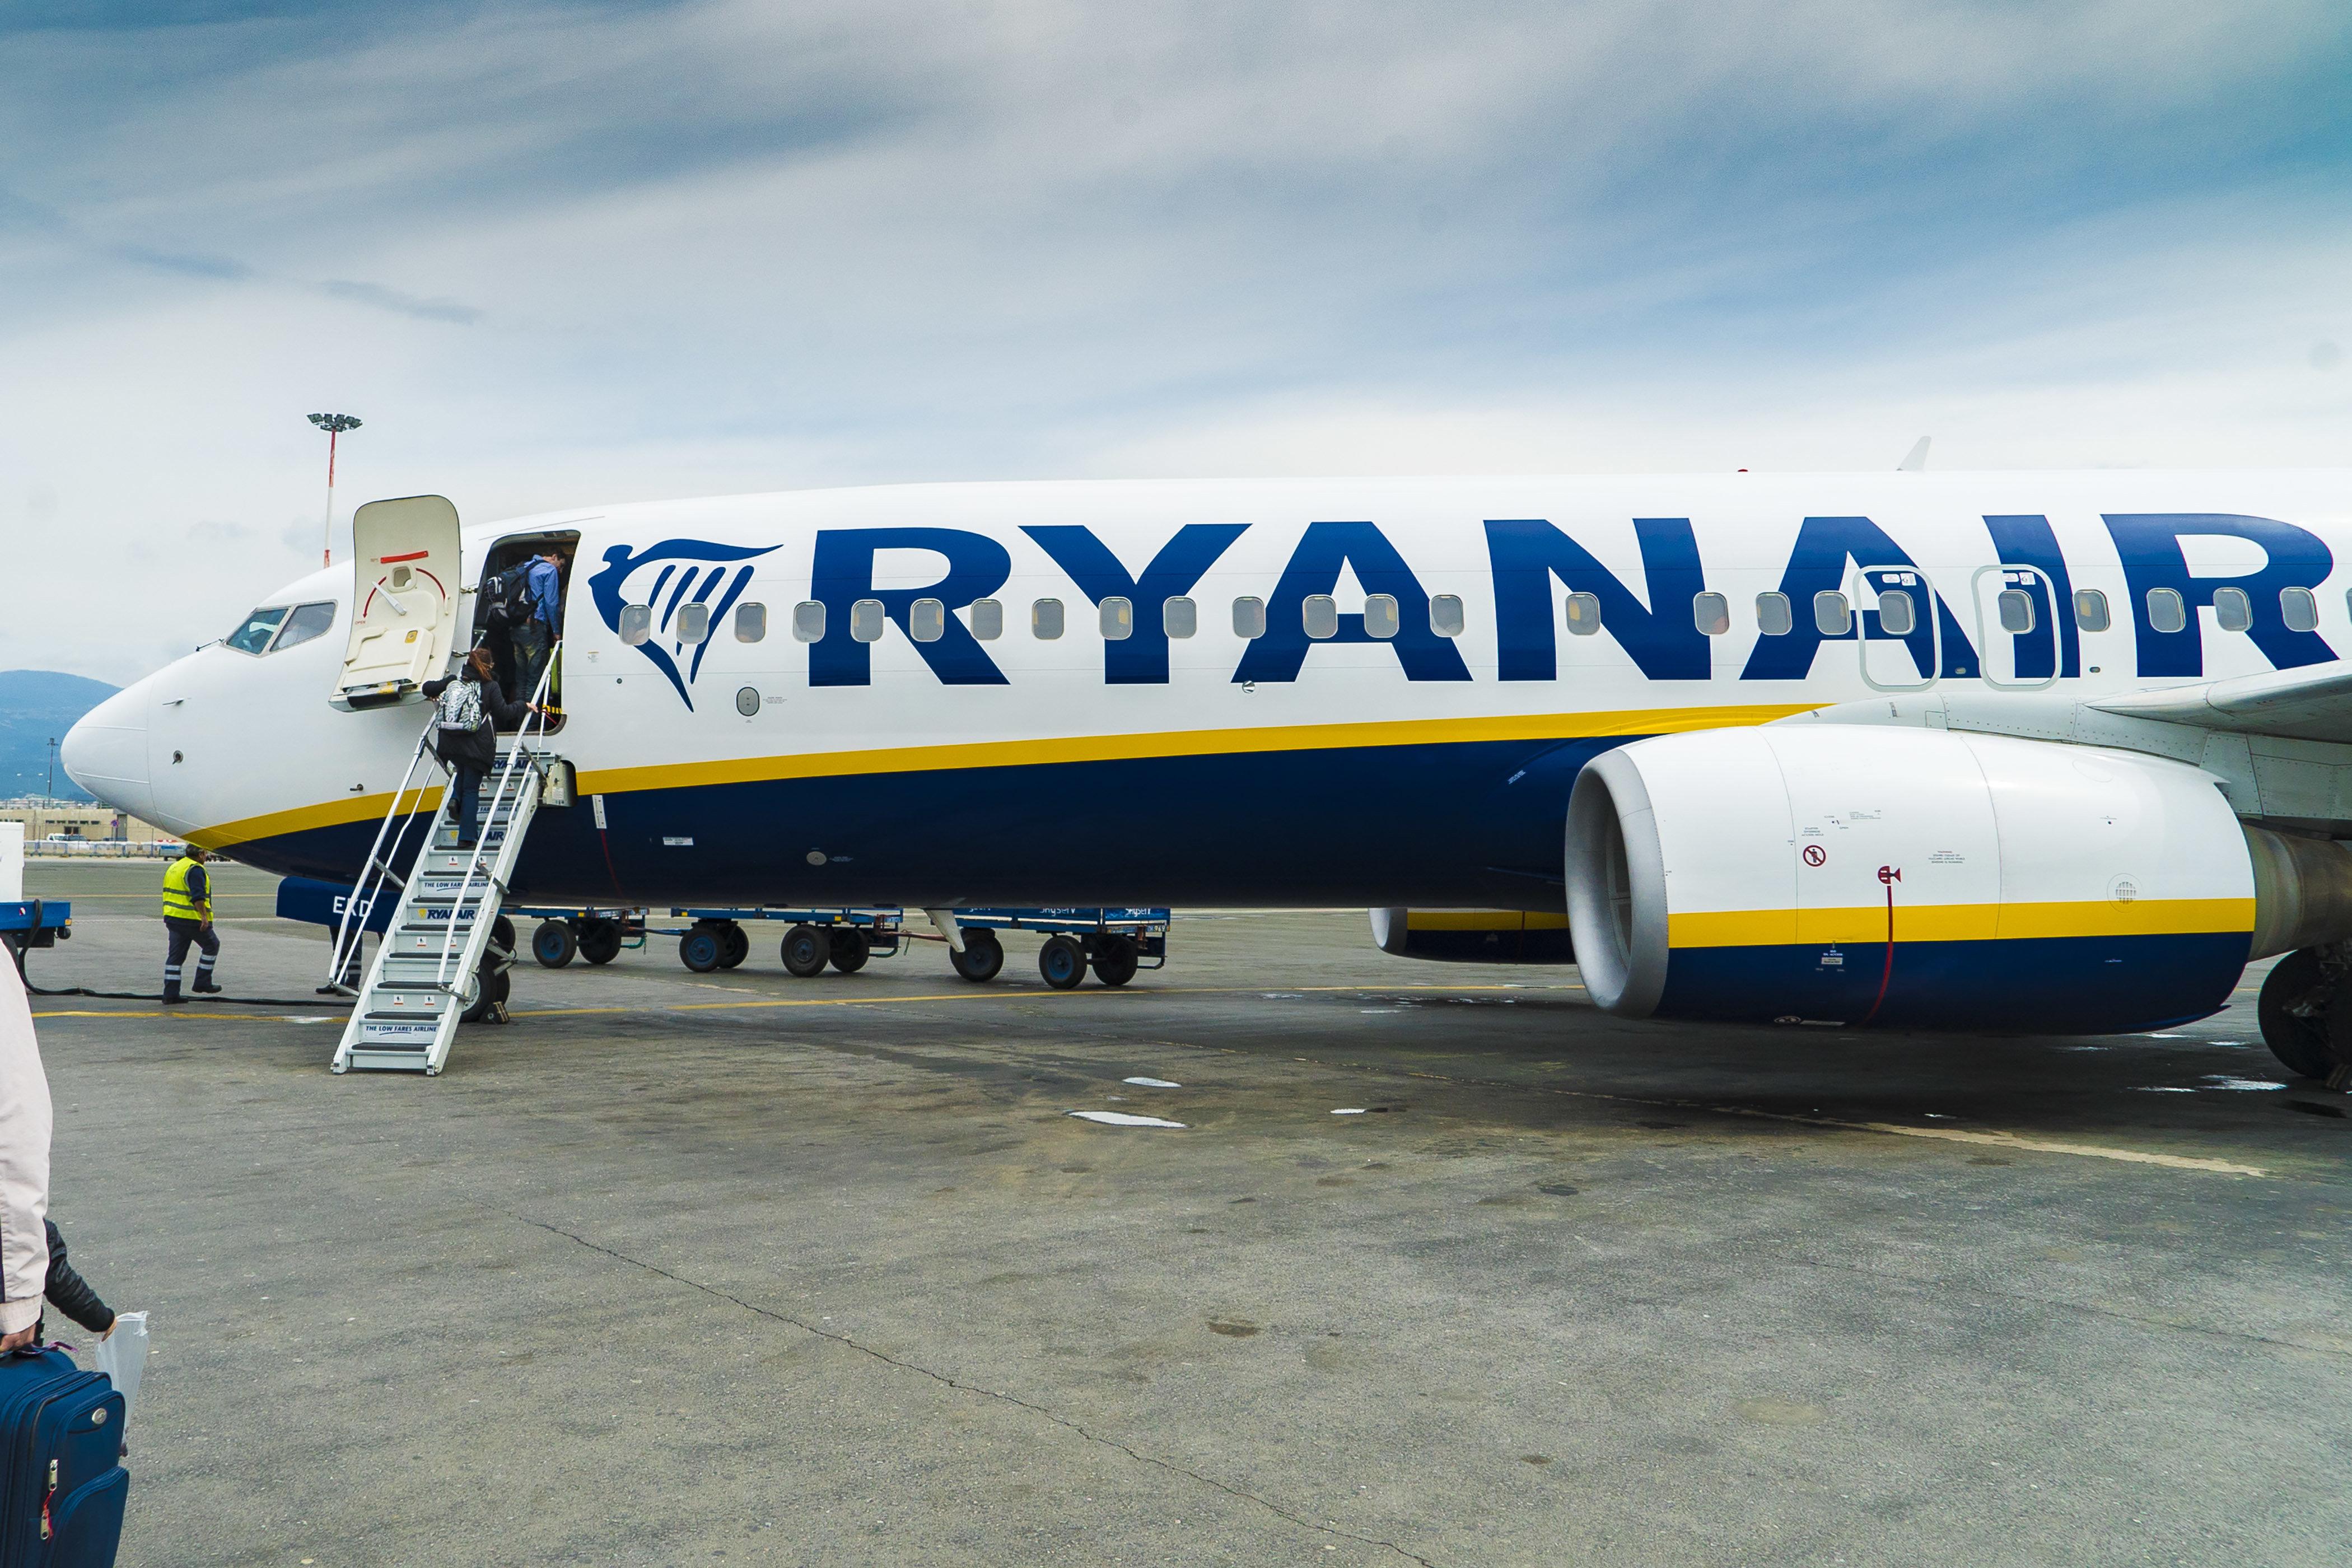 Aérien : Ryanair relie Marrakech et Fès à 9 villes européennes supplémentaires